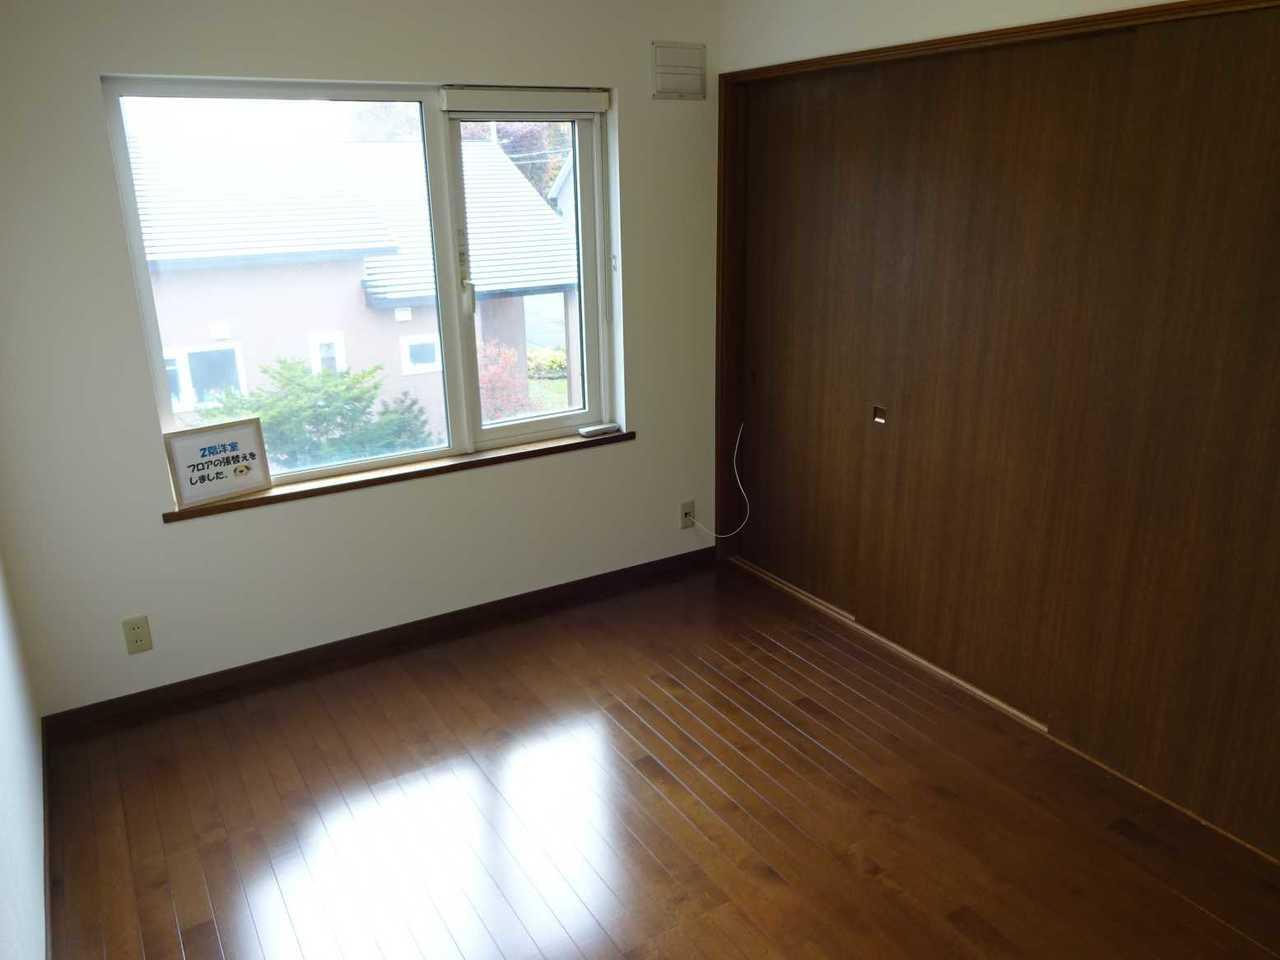 千歳市長都駅前の中古リフォーム住宅です。2階洋室8帖のお部屋、平成29年10月フロア貼替しました。